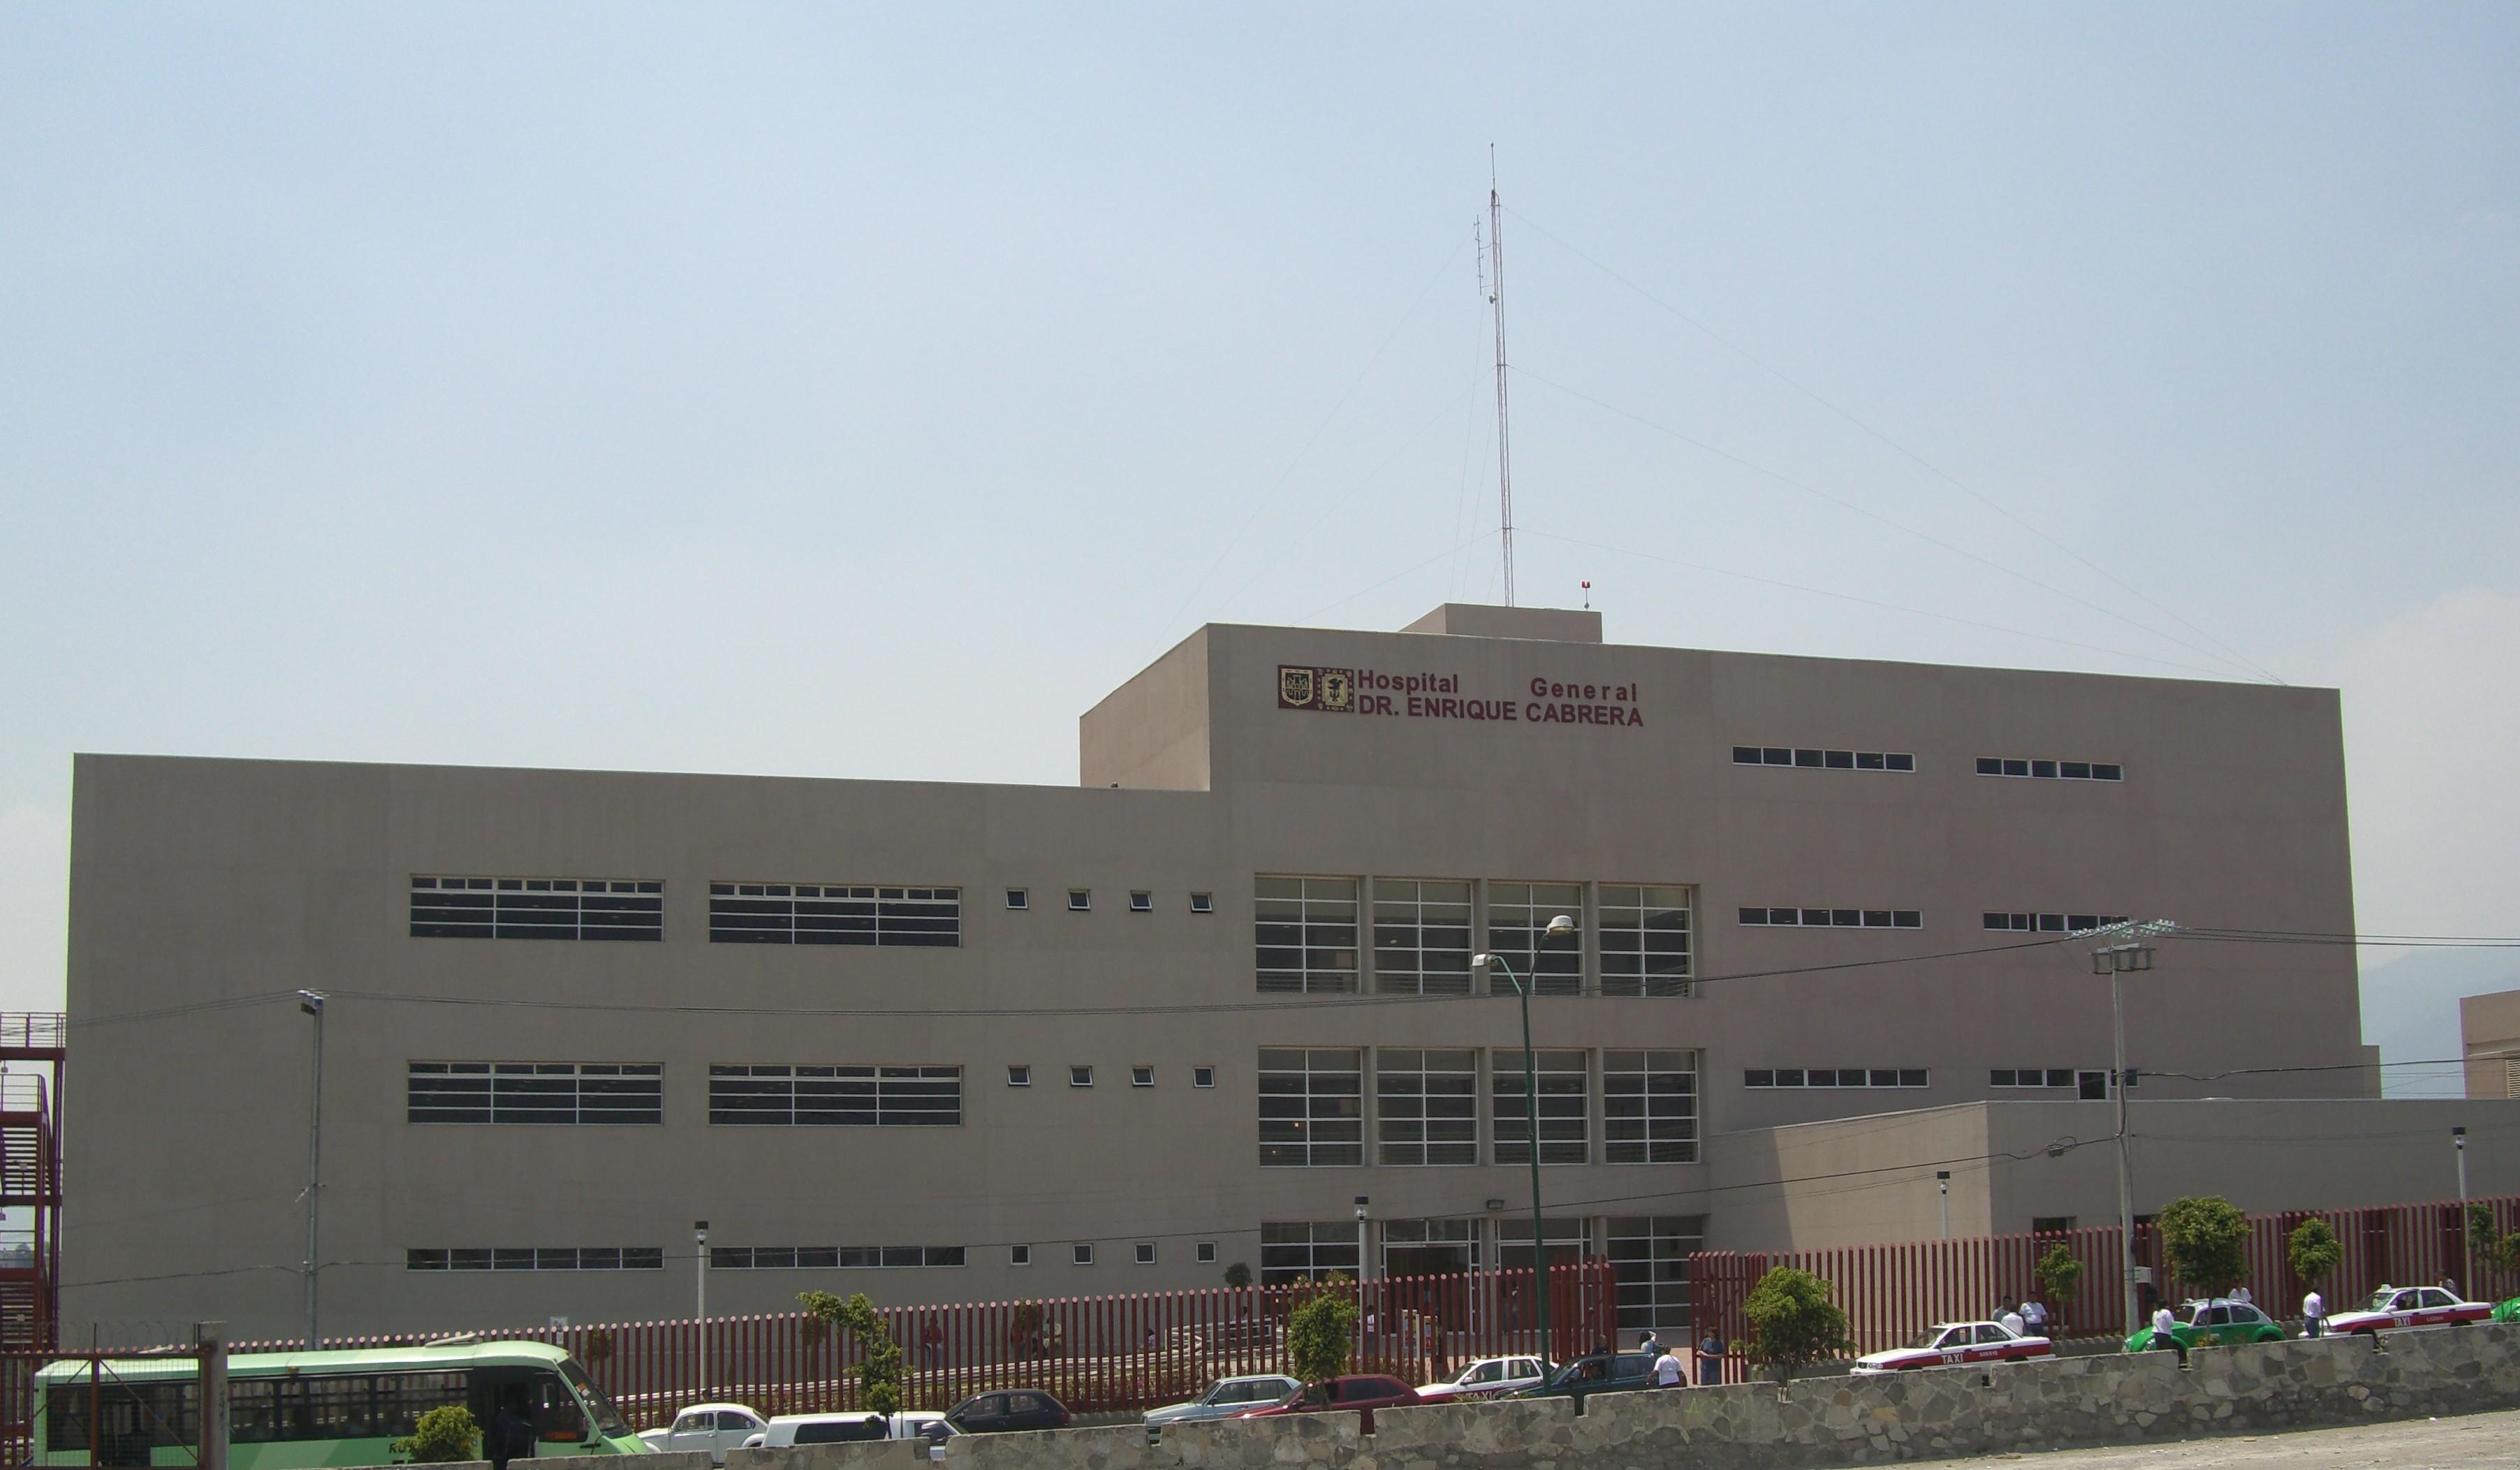 Hospital General Dr. Enrique Cabrera Mexico